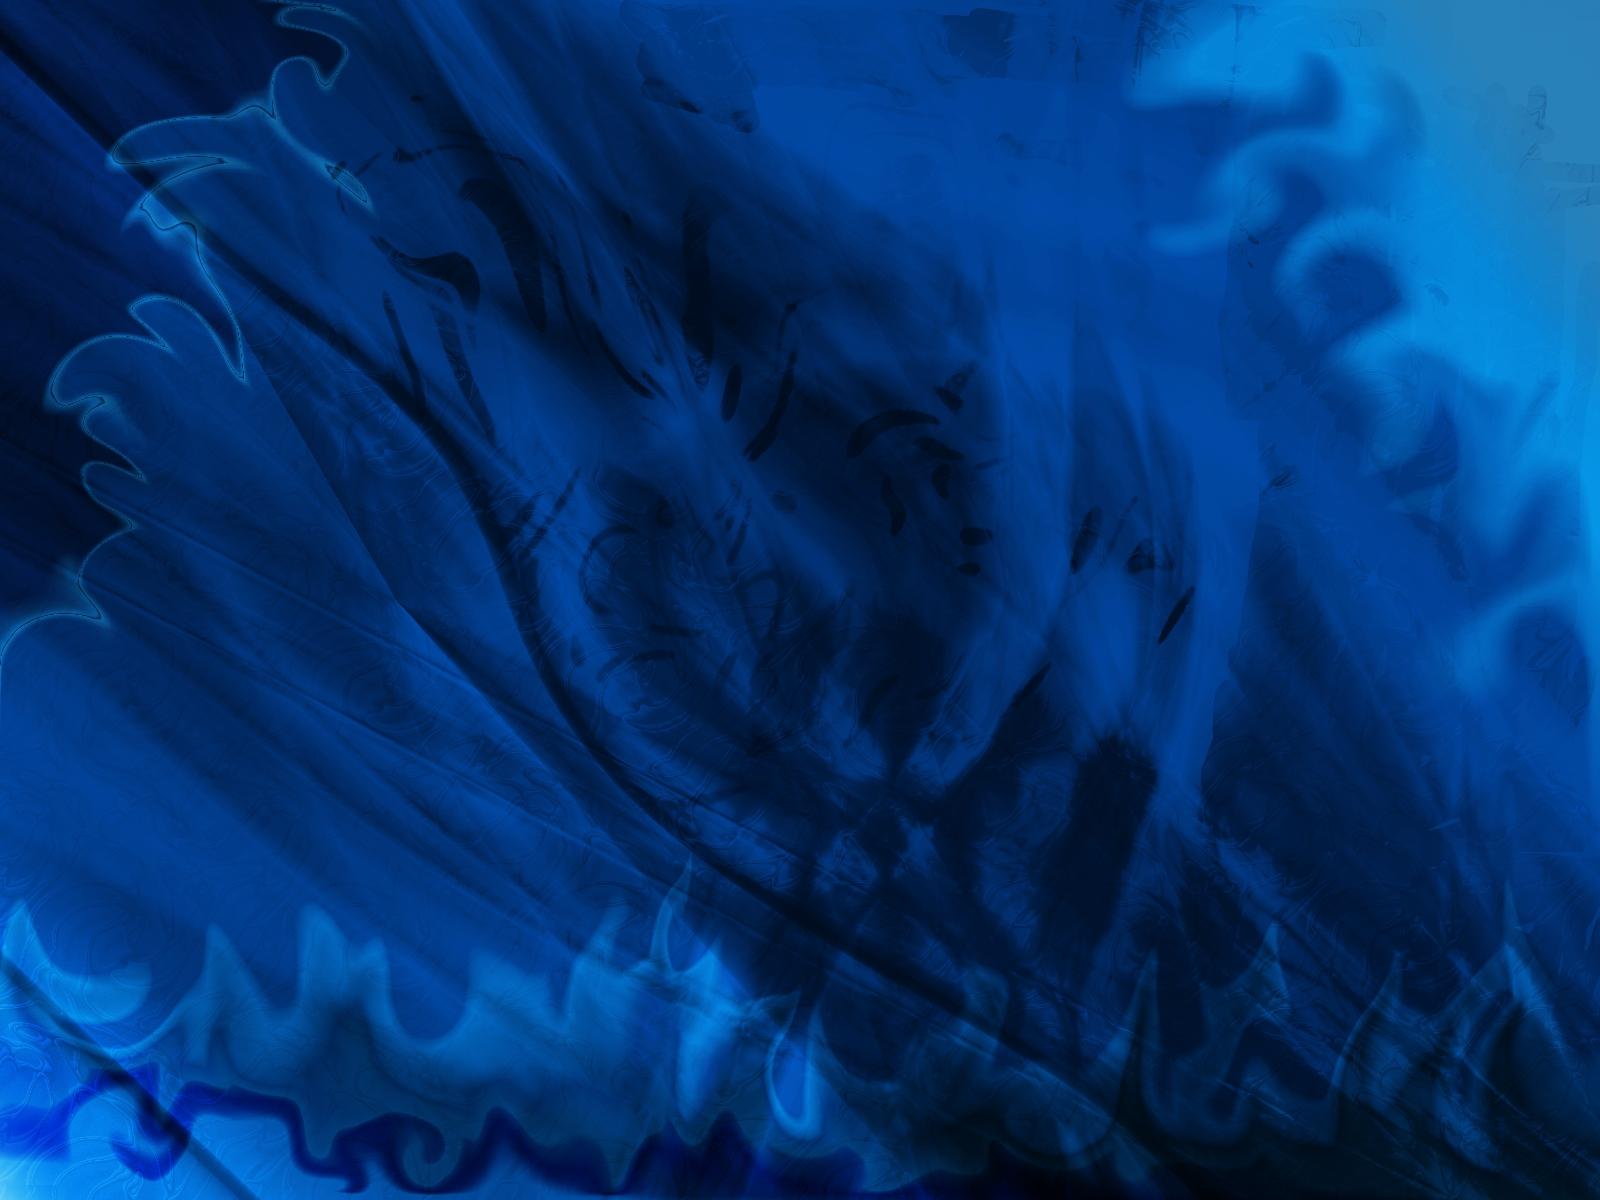 blue wallpaper, abstract, wallpaper, abstract art